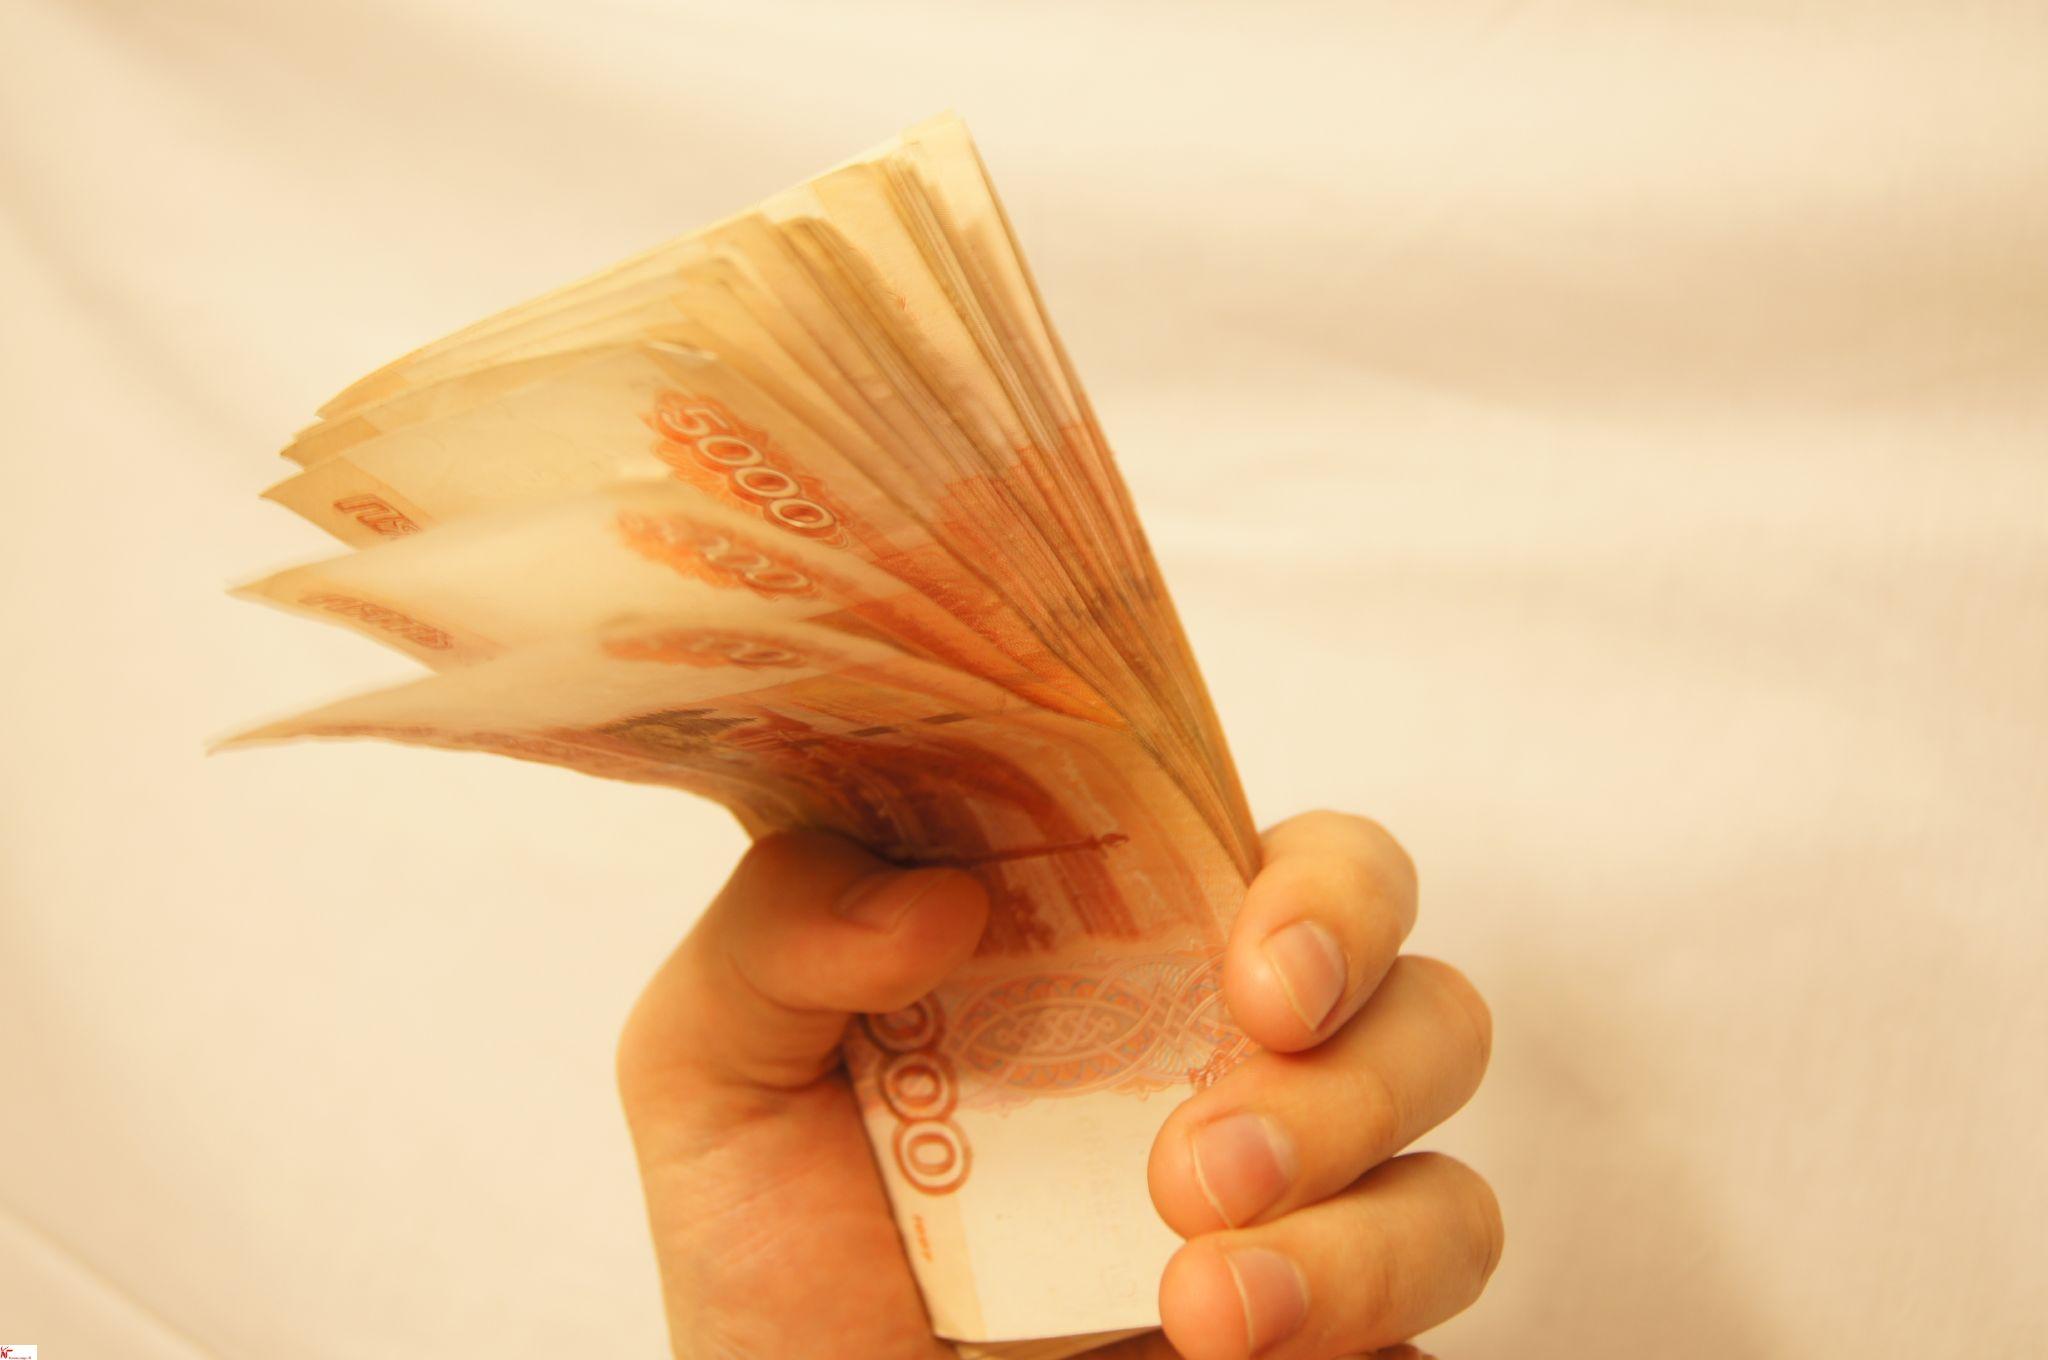 Банк красноярск кредит наличными калькулятор